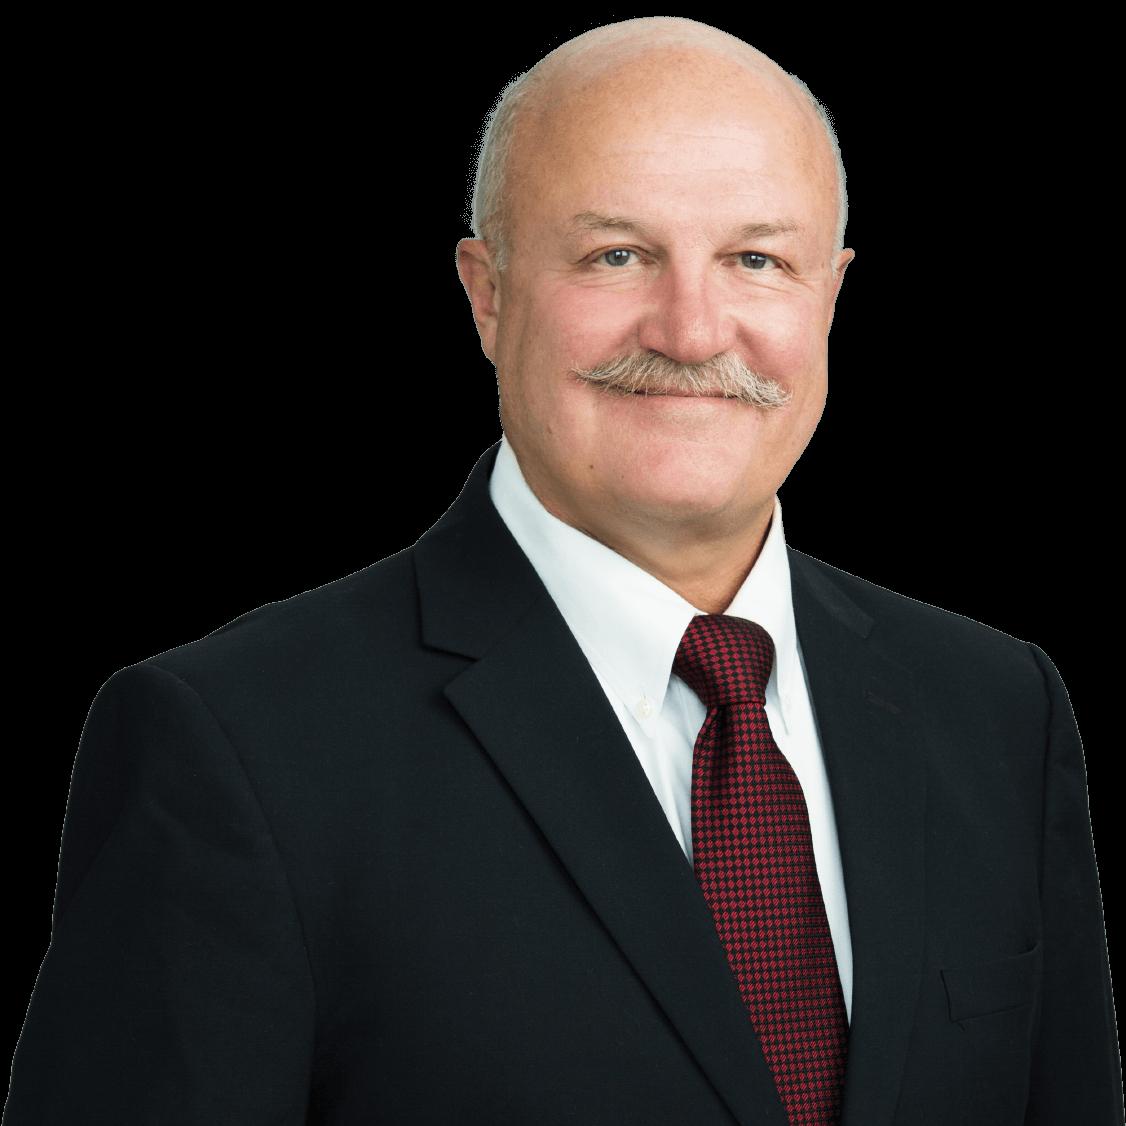 Richard P. Bauer